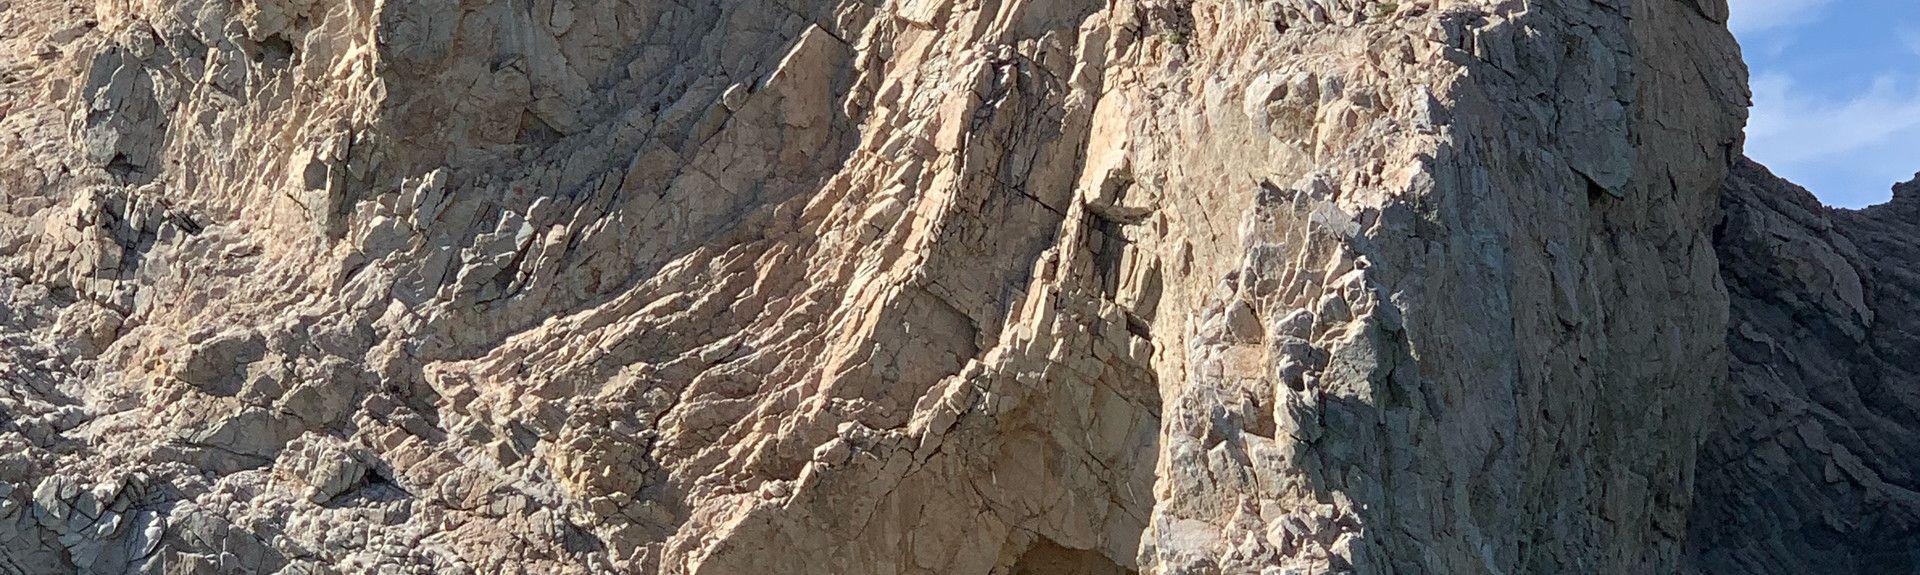 Libertad, Cabo San Lucas, Baja California Sur, Mexico